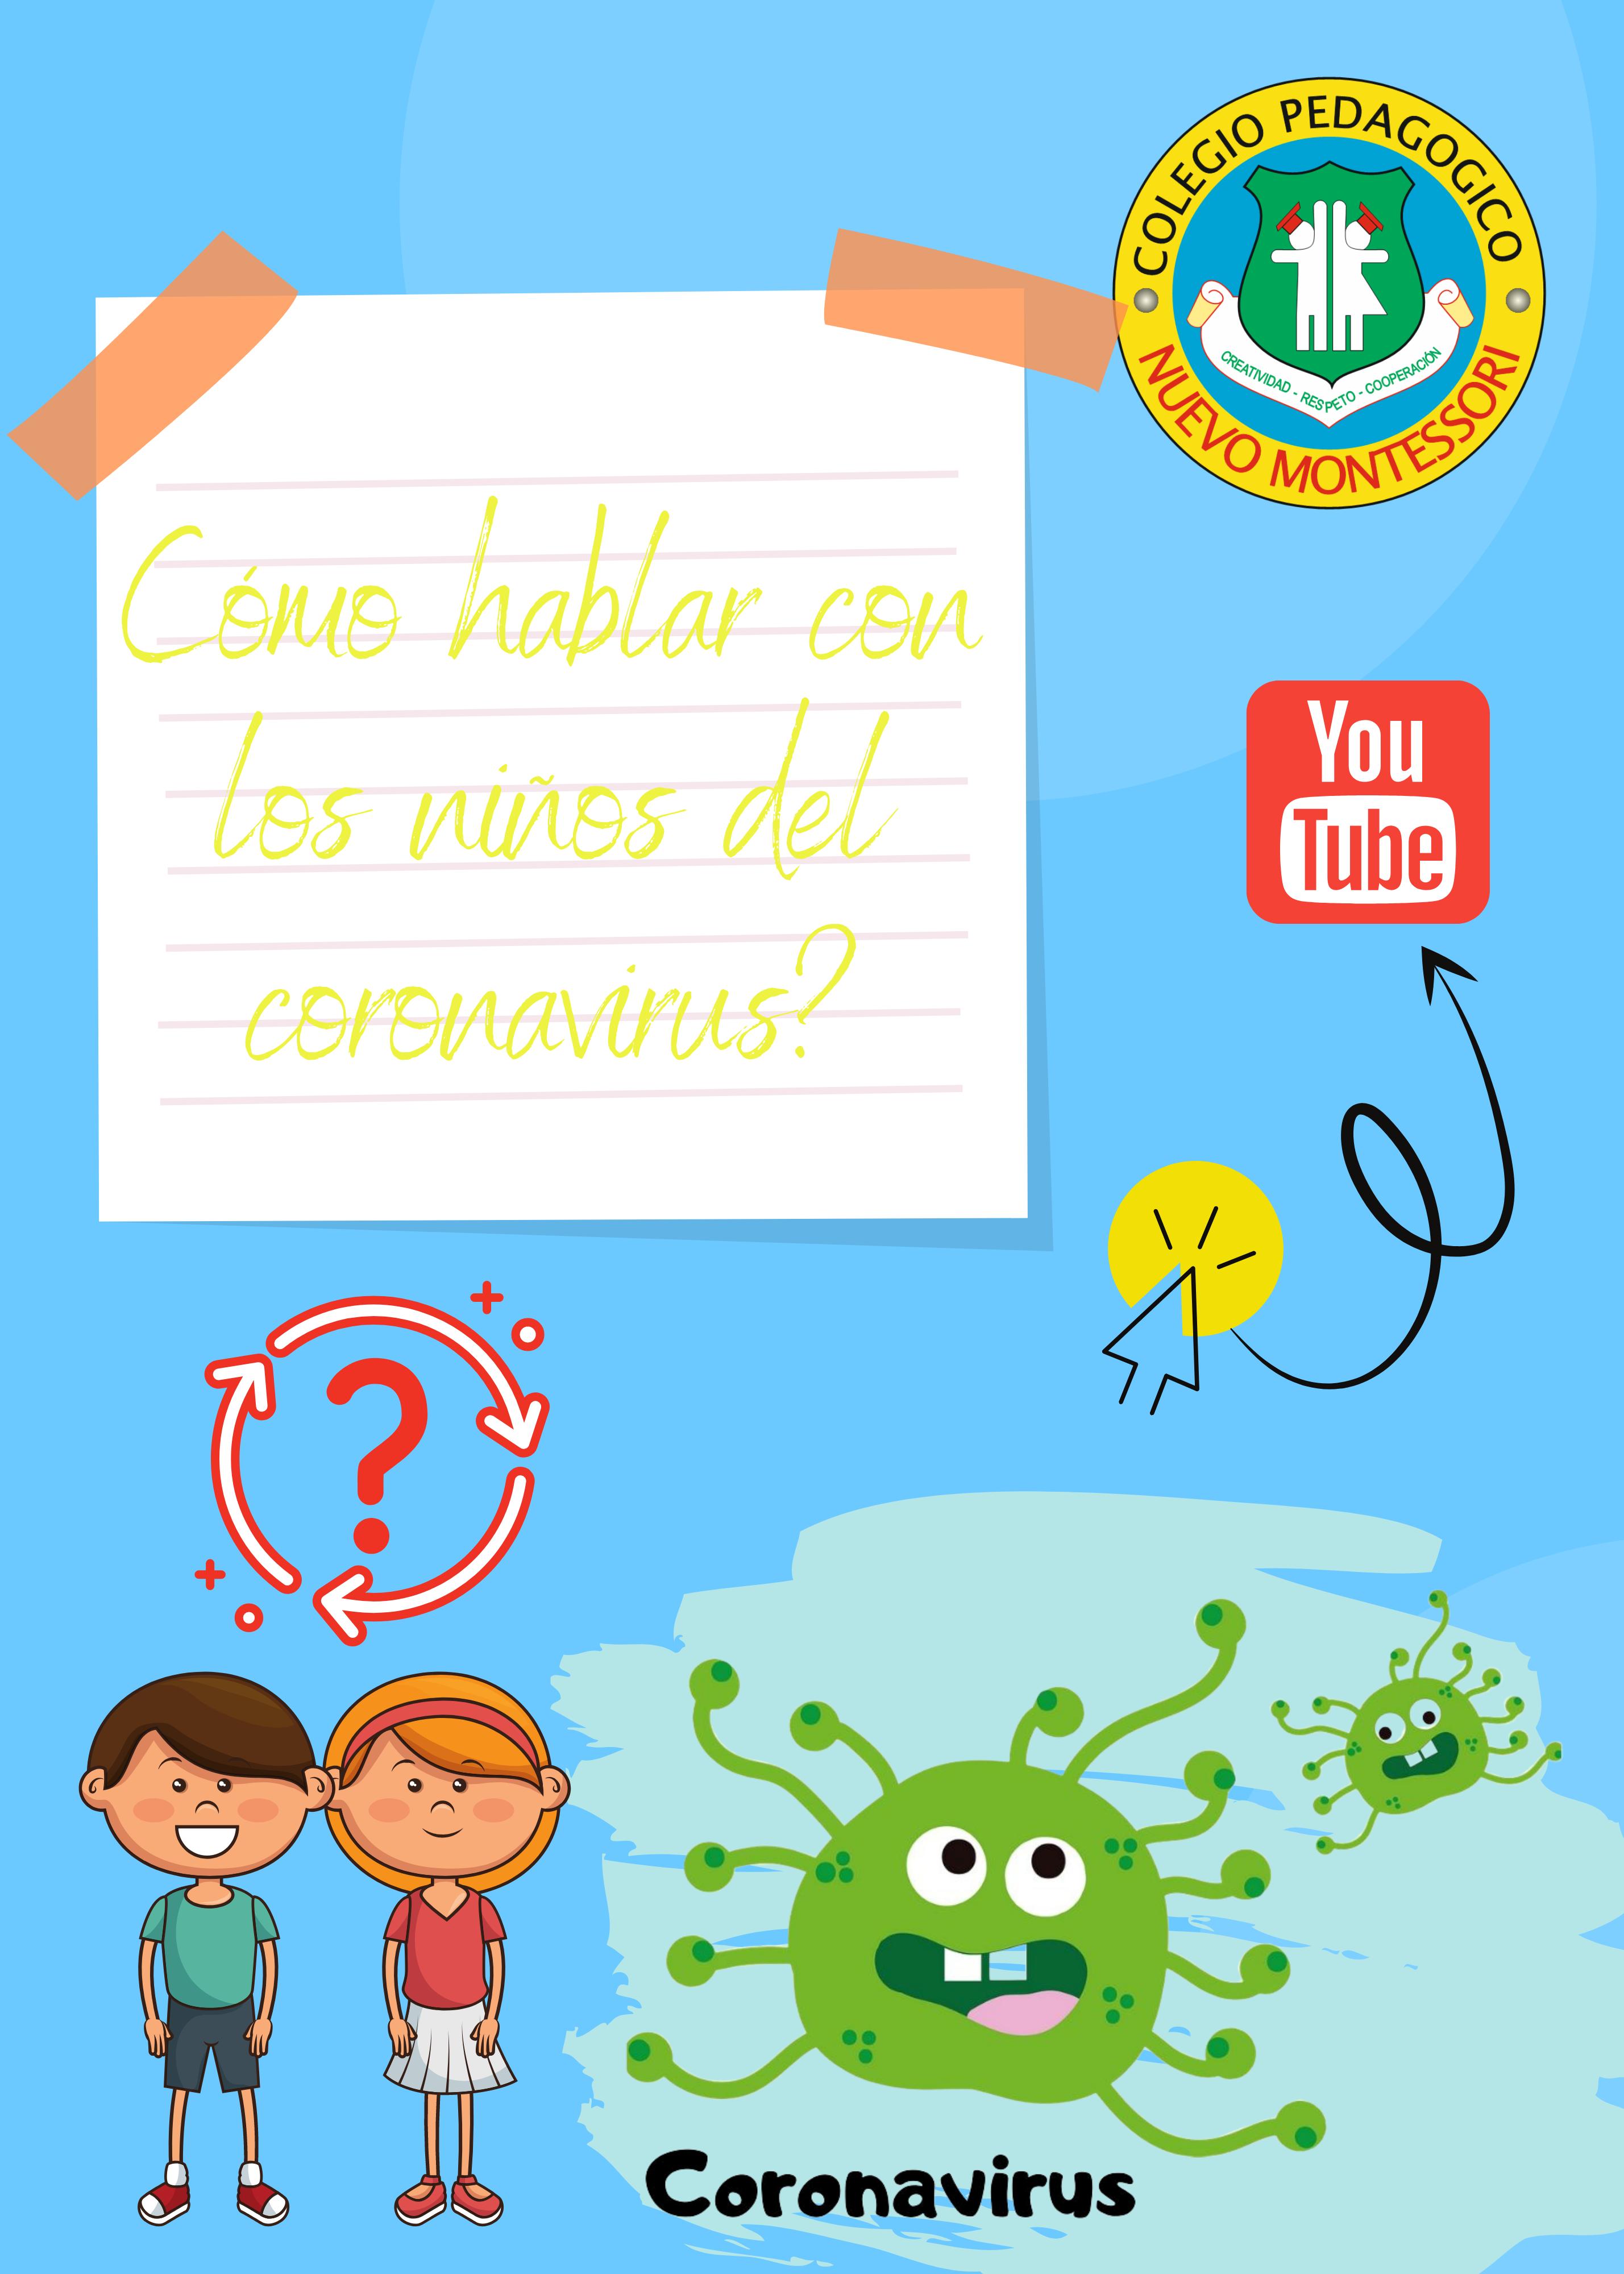 Cómo hablar con los niños del coronavirus?